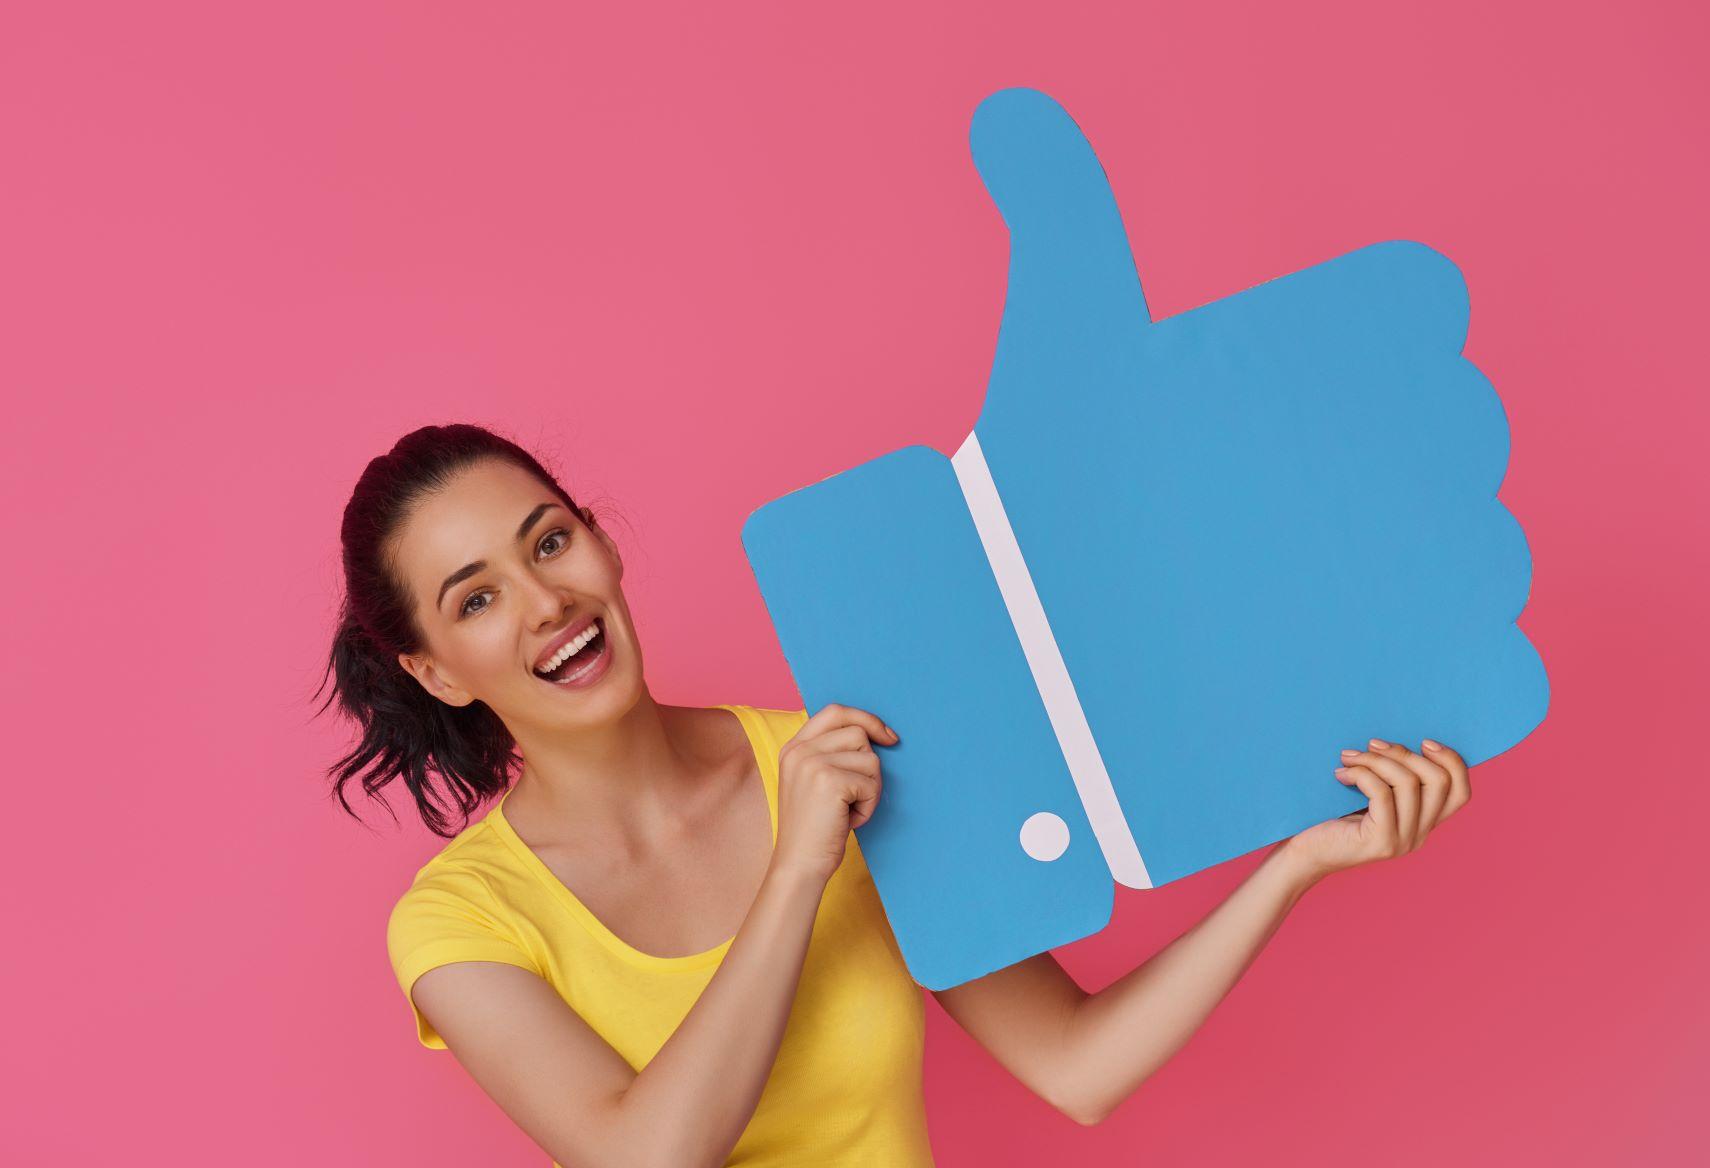 Wie markiere ich Personen bei Facebook?